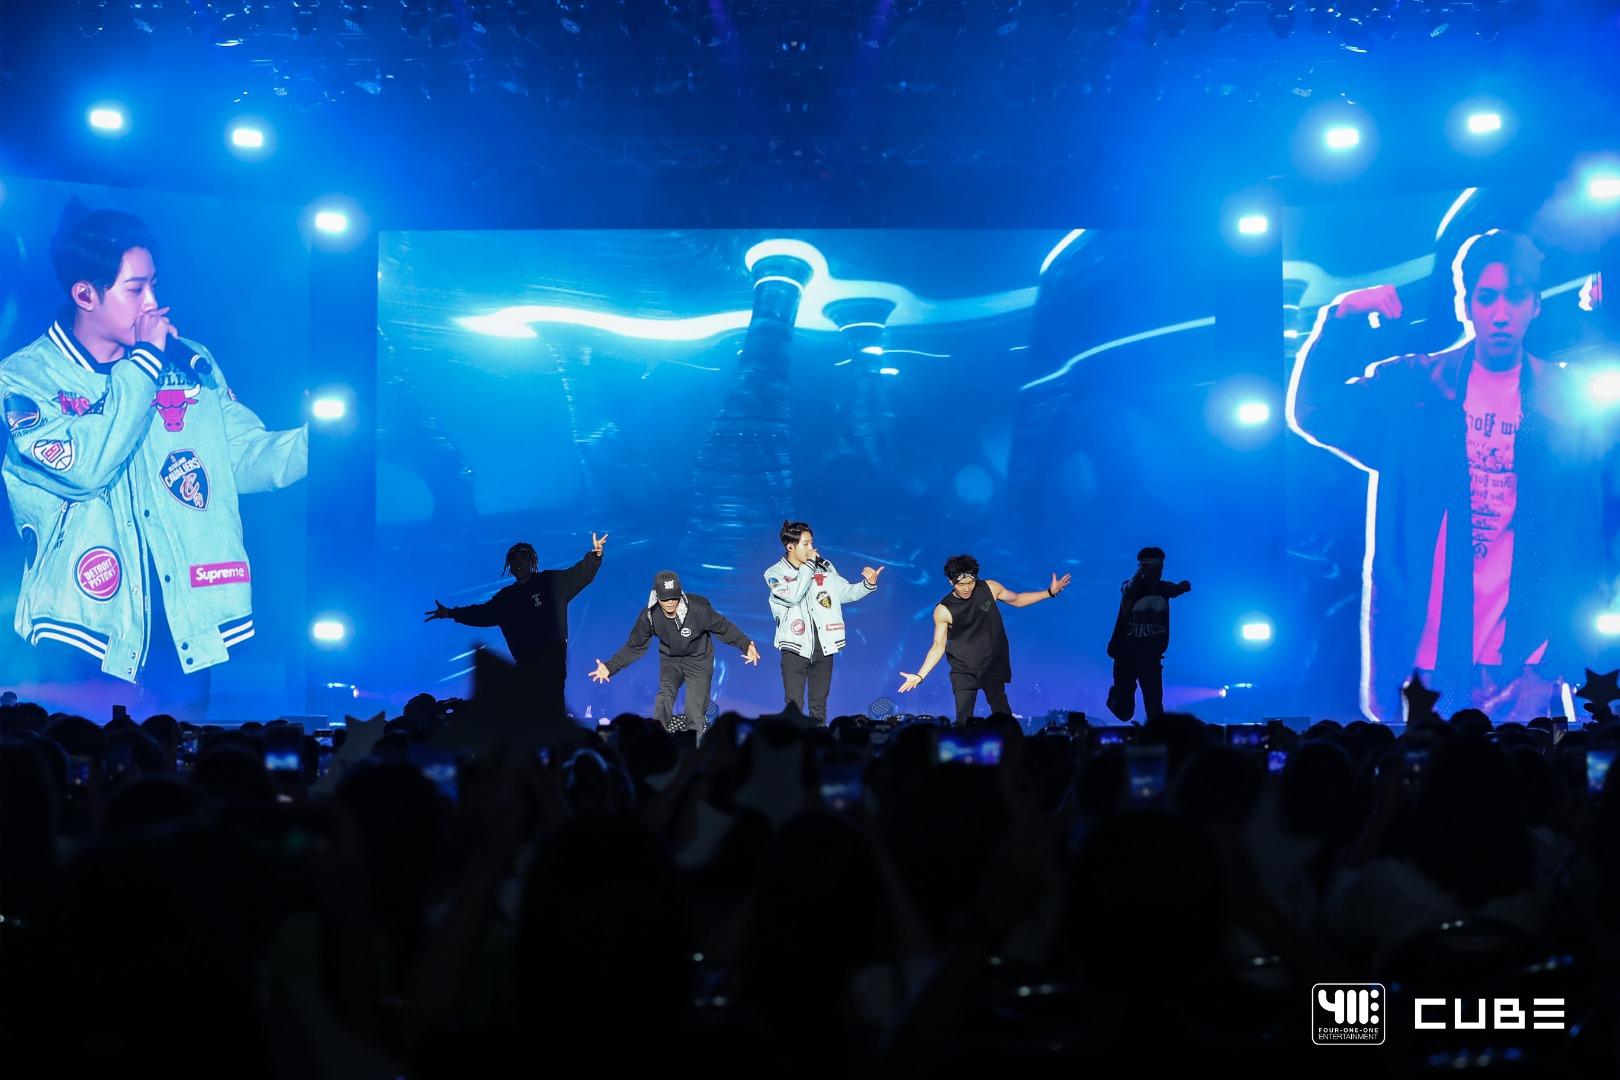 2019 LAI KUANLIN Fan Meeting [Good Feeling] in Bangkok